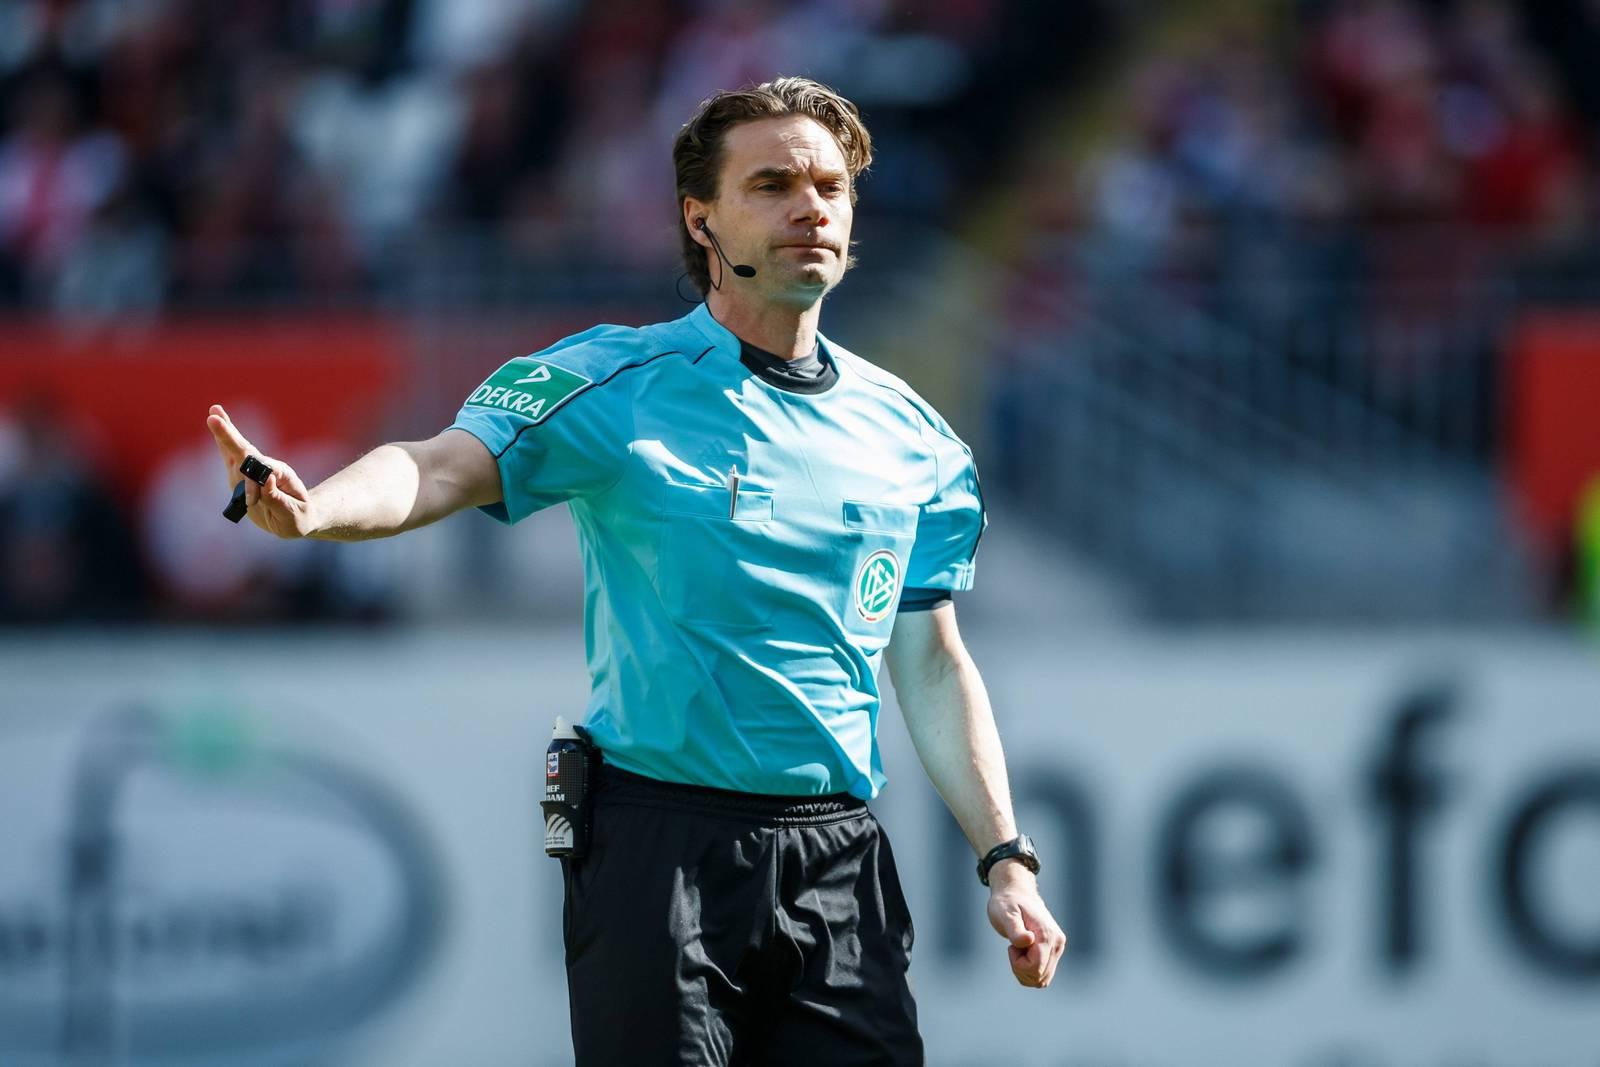 Der bundesligaerfahrene Schiedsrichter Guido Winkmann.